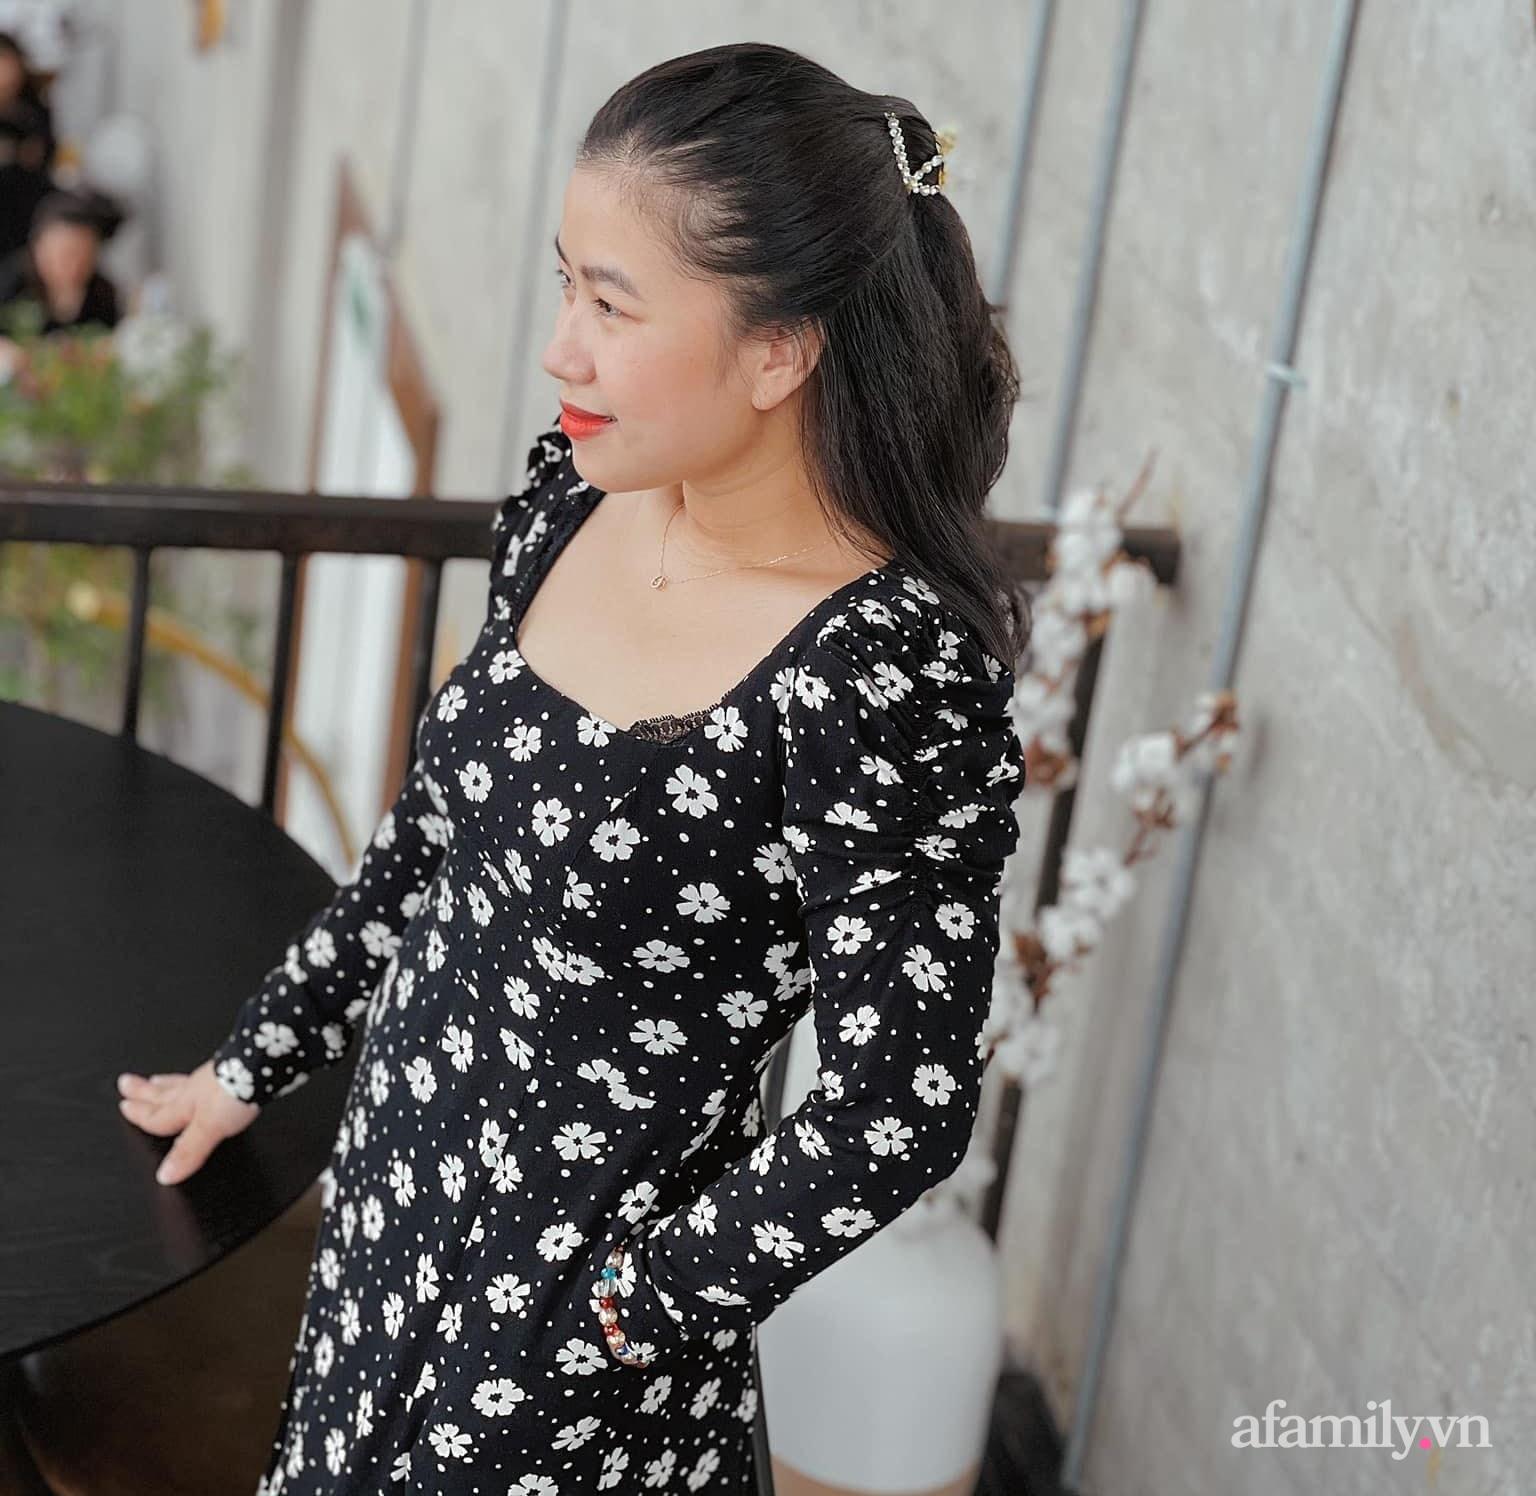 Mẹ ở Sài Gòn sử dụng phụ kiện nhỏ mà hô biến góc lưu trữ cho ngôi nhà gọn gàng, tinh tươm chỉ từ 129k - Ảnh 2.